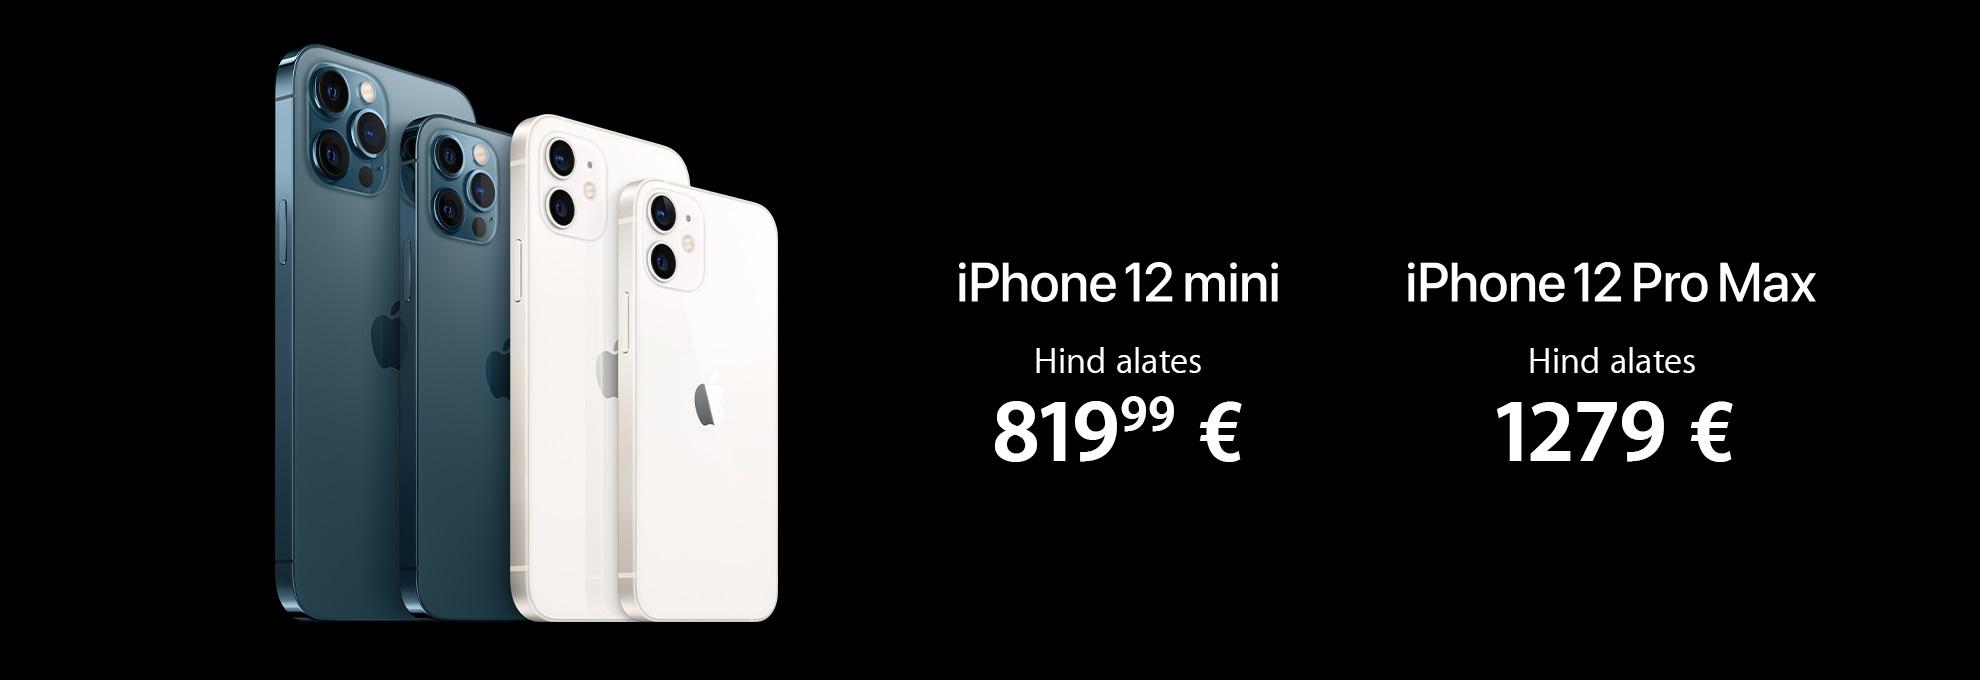 Nüüd saadaval iPhone 12 mini või iPhone 12 Pro Max